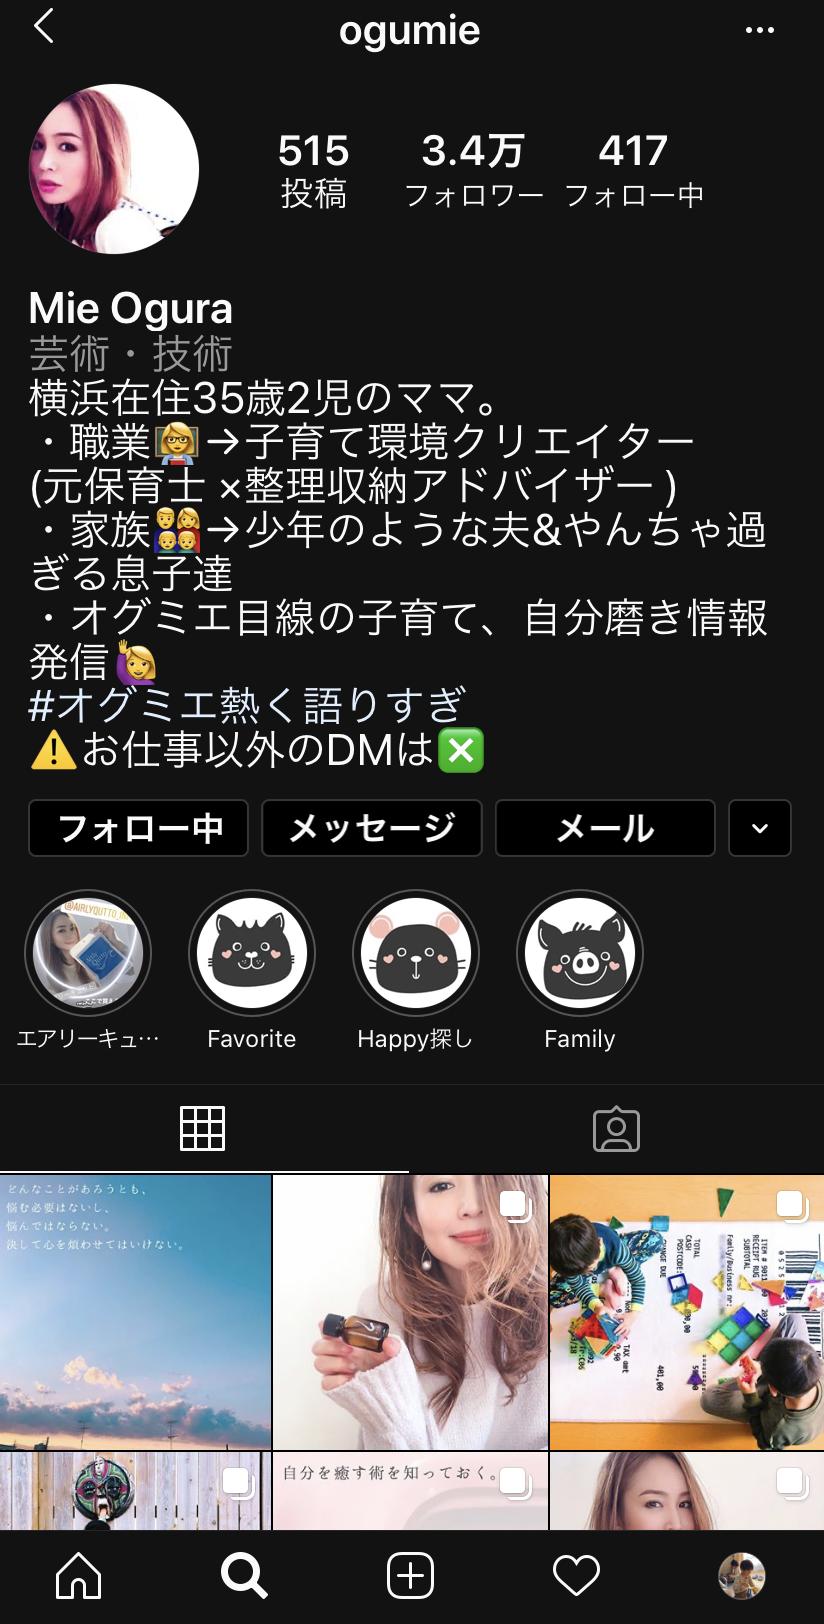 インフルエンサーMie Oguraさん